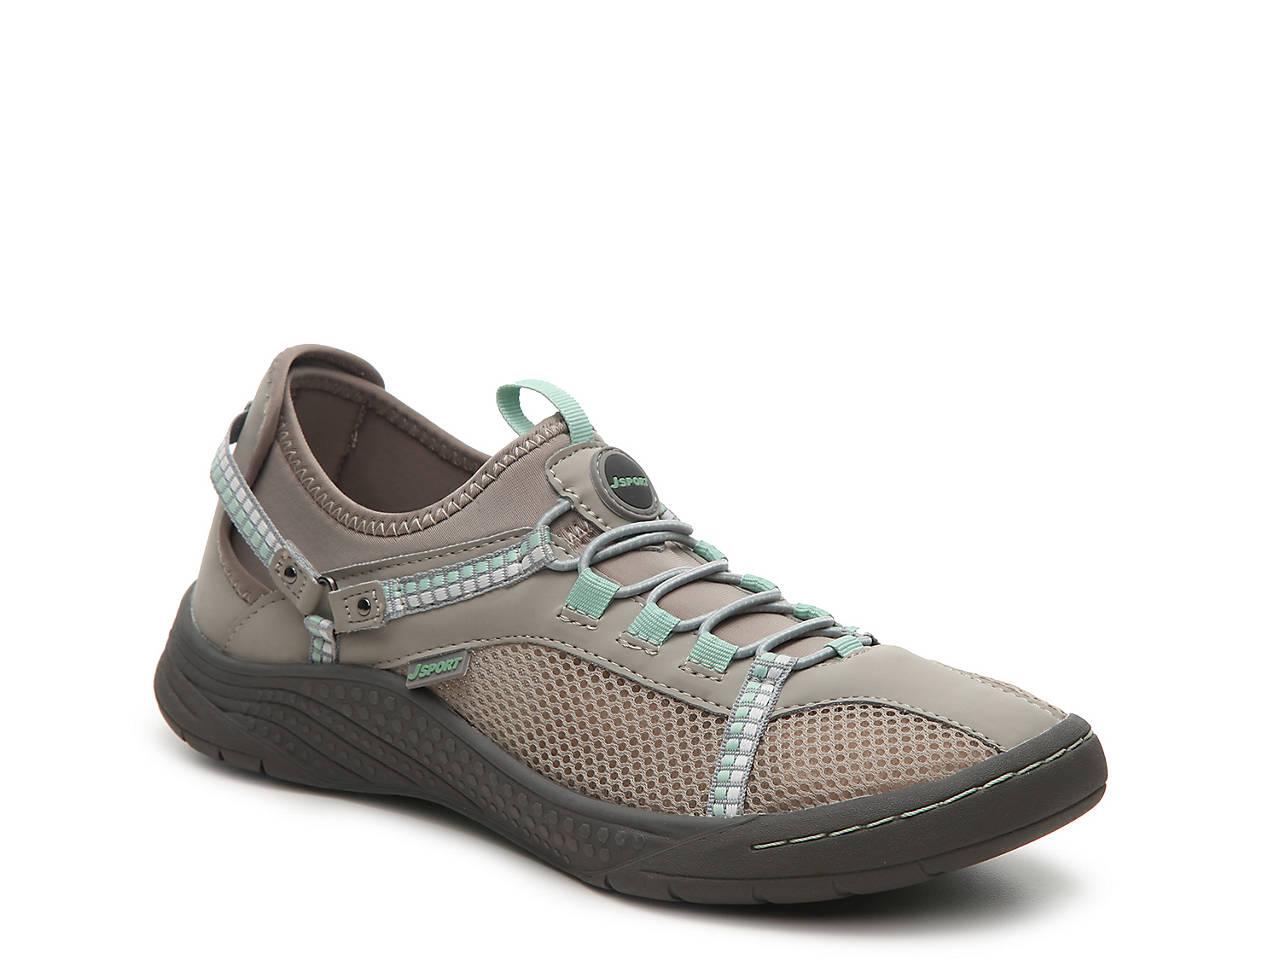 ca19fb9117c3 J Sport by Jambu Tahoe Slip-On Sneaker Women s Shoes